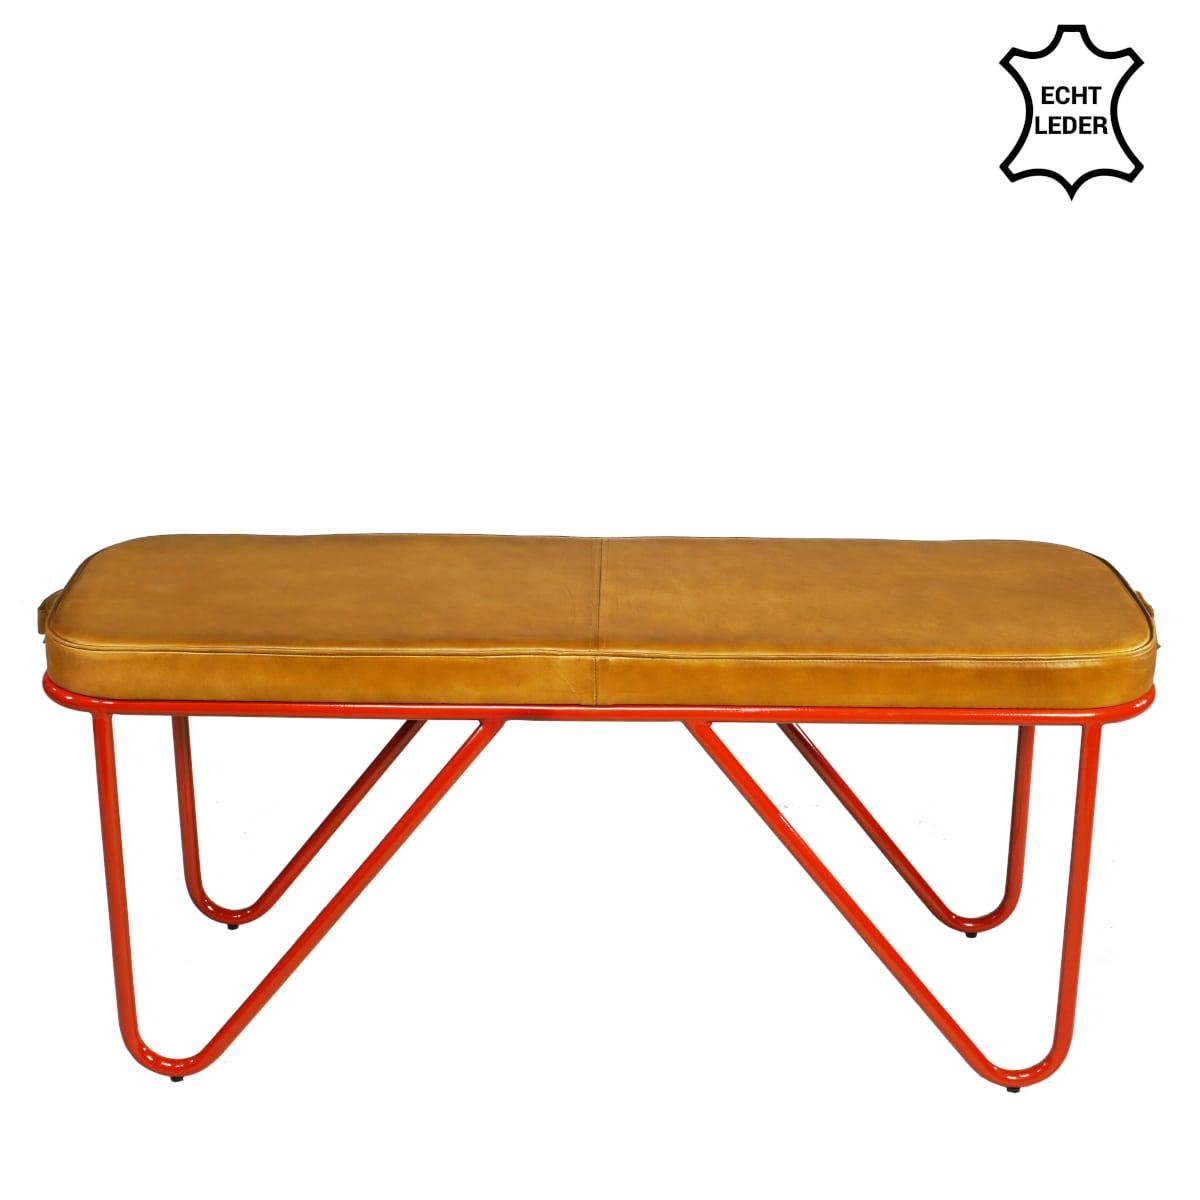 Turnhallen Möbel Sitzbank Gestell rot